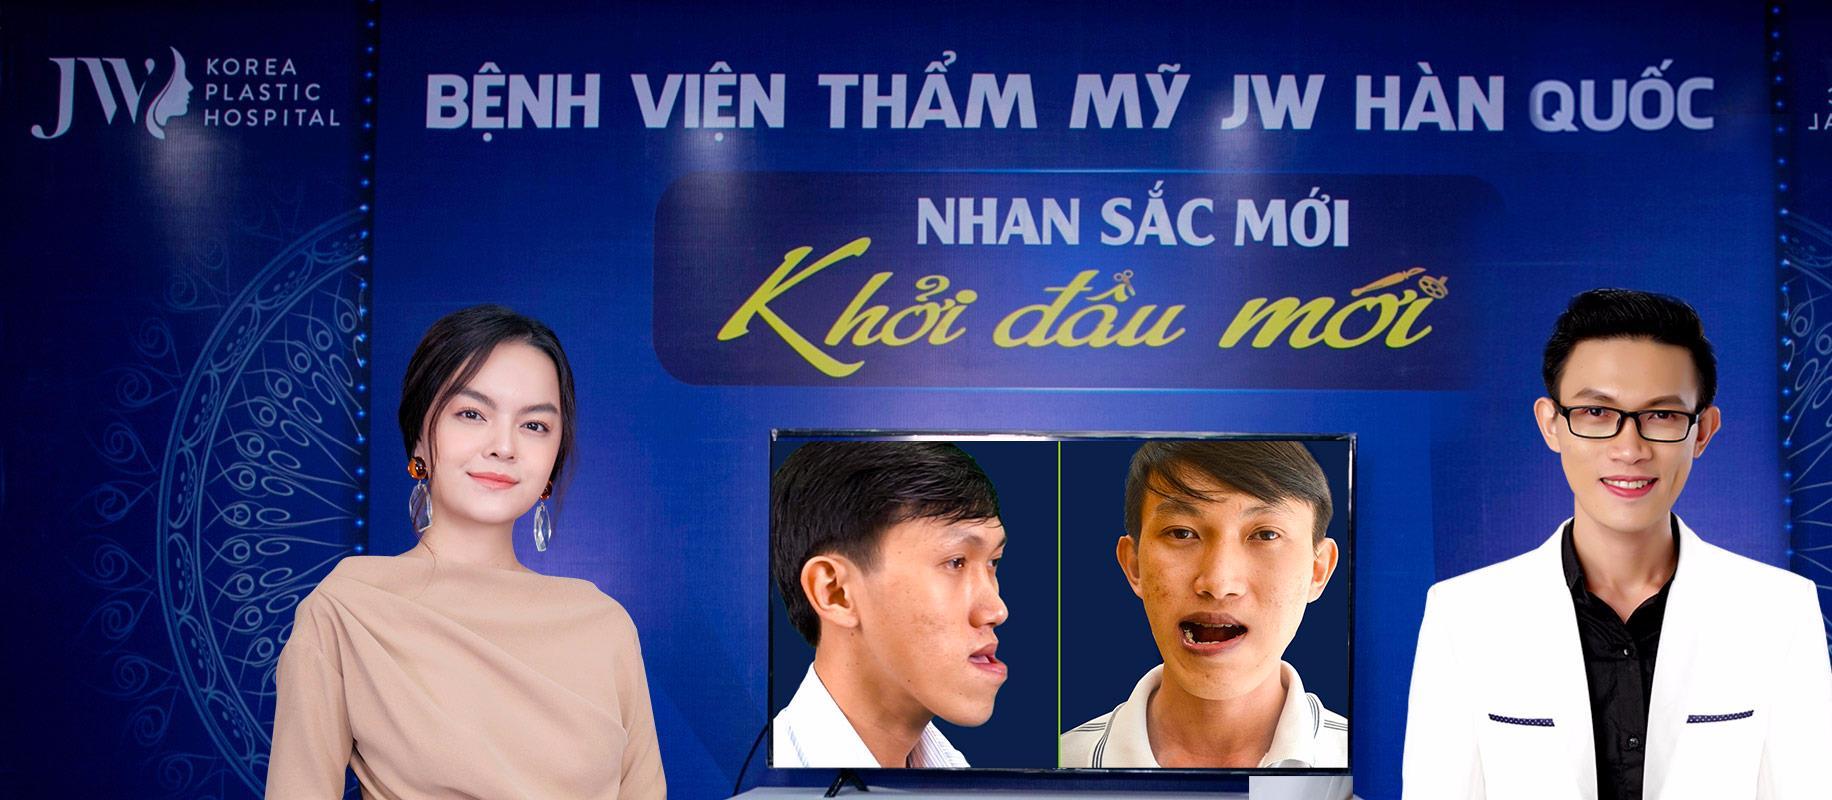 Ca sĩ Phạm Quỳnh Anh bất ngờ trước nhan sắc mới của thạc sĩ xe ôm Duy Phương - Ảnh 1.